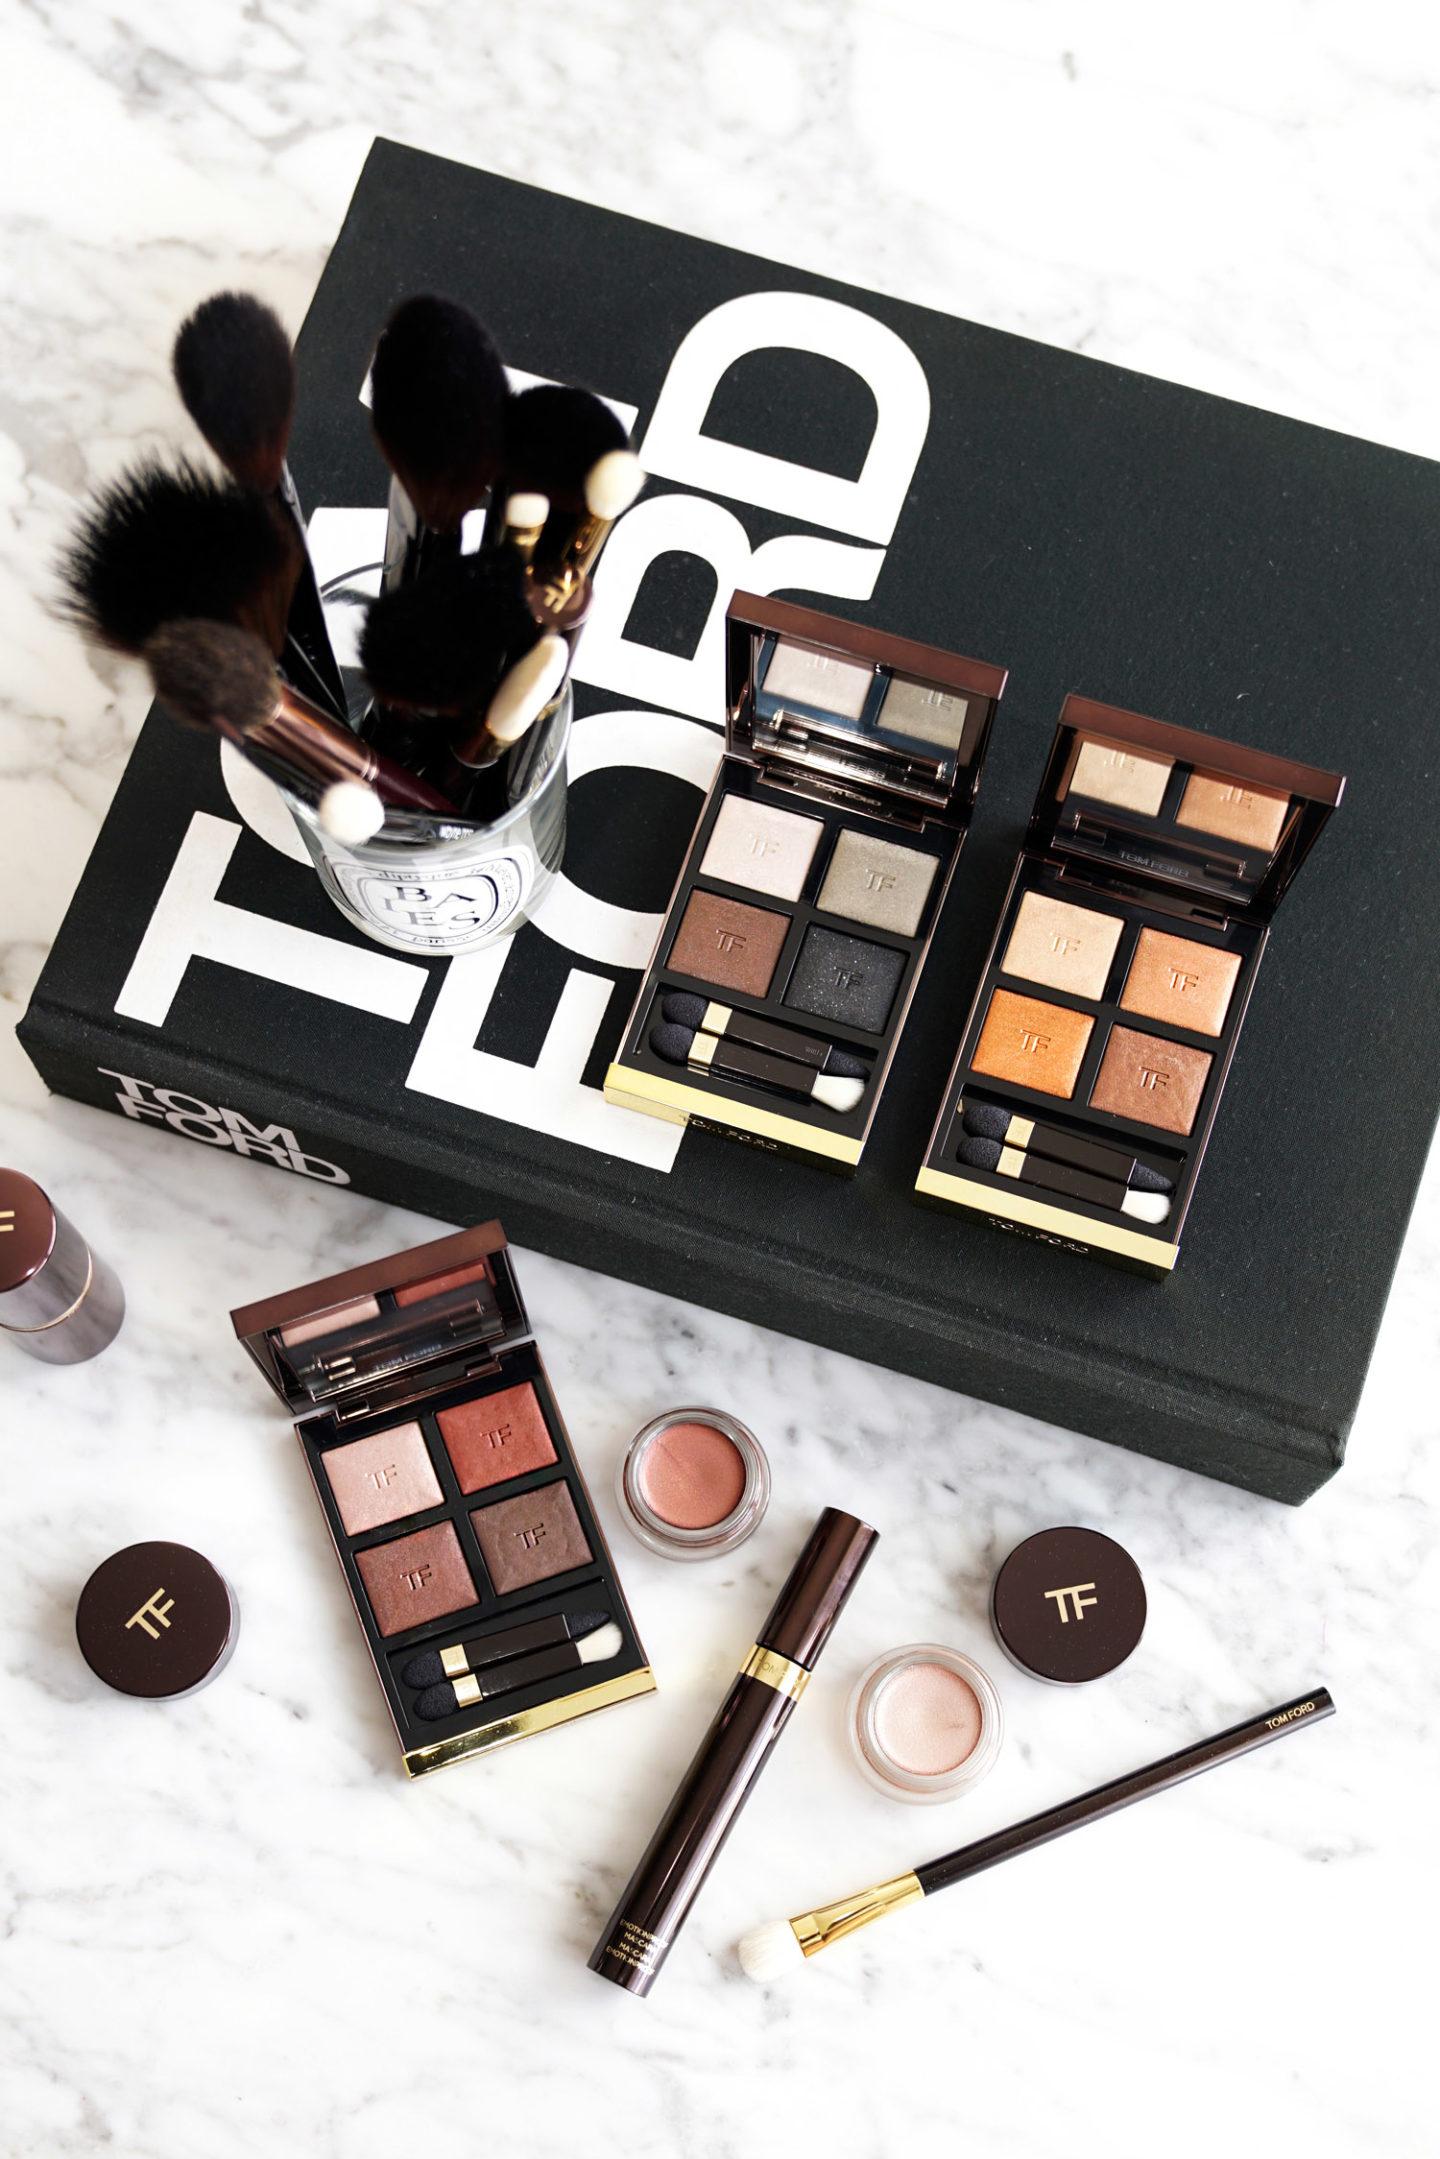 Tom Ford Quad Eye Color Chaleur corporelle, soupçon, double indemnité | Le look book beauté